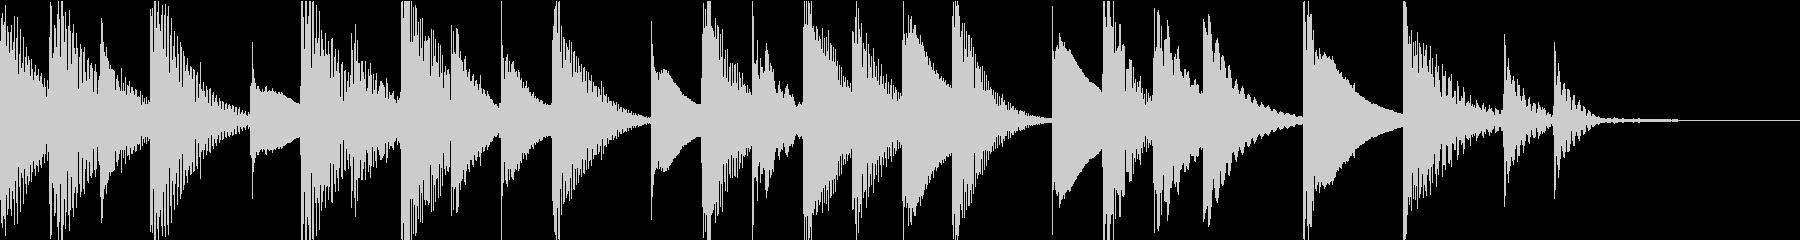 マリンバのほのぼのとしたジングル1の未再生の波形